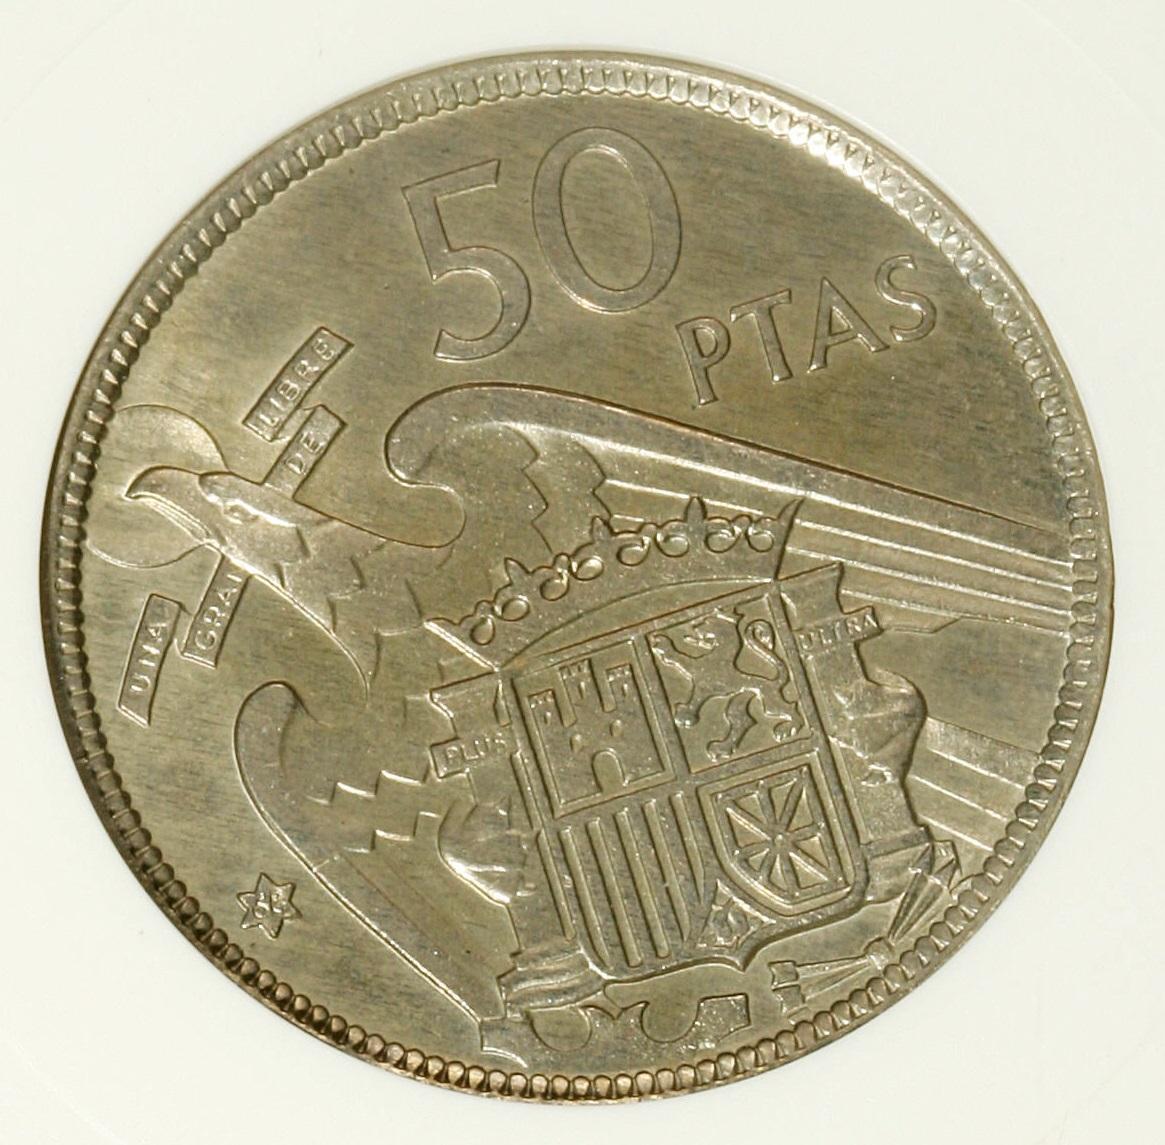 50 pesetas 1957 *68 ¿troquelada u original? 50_PTAS_2